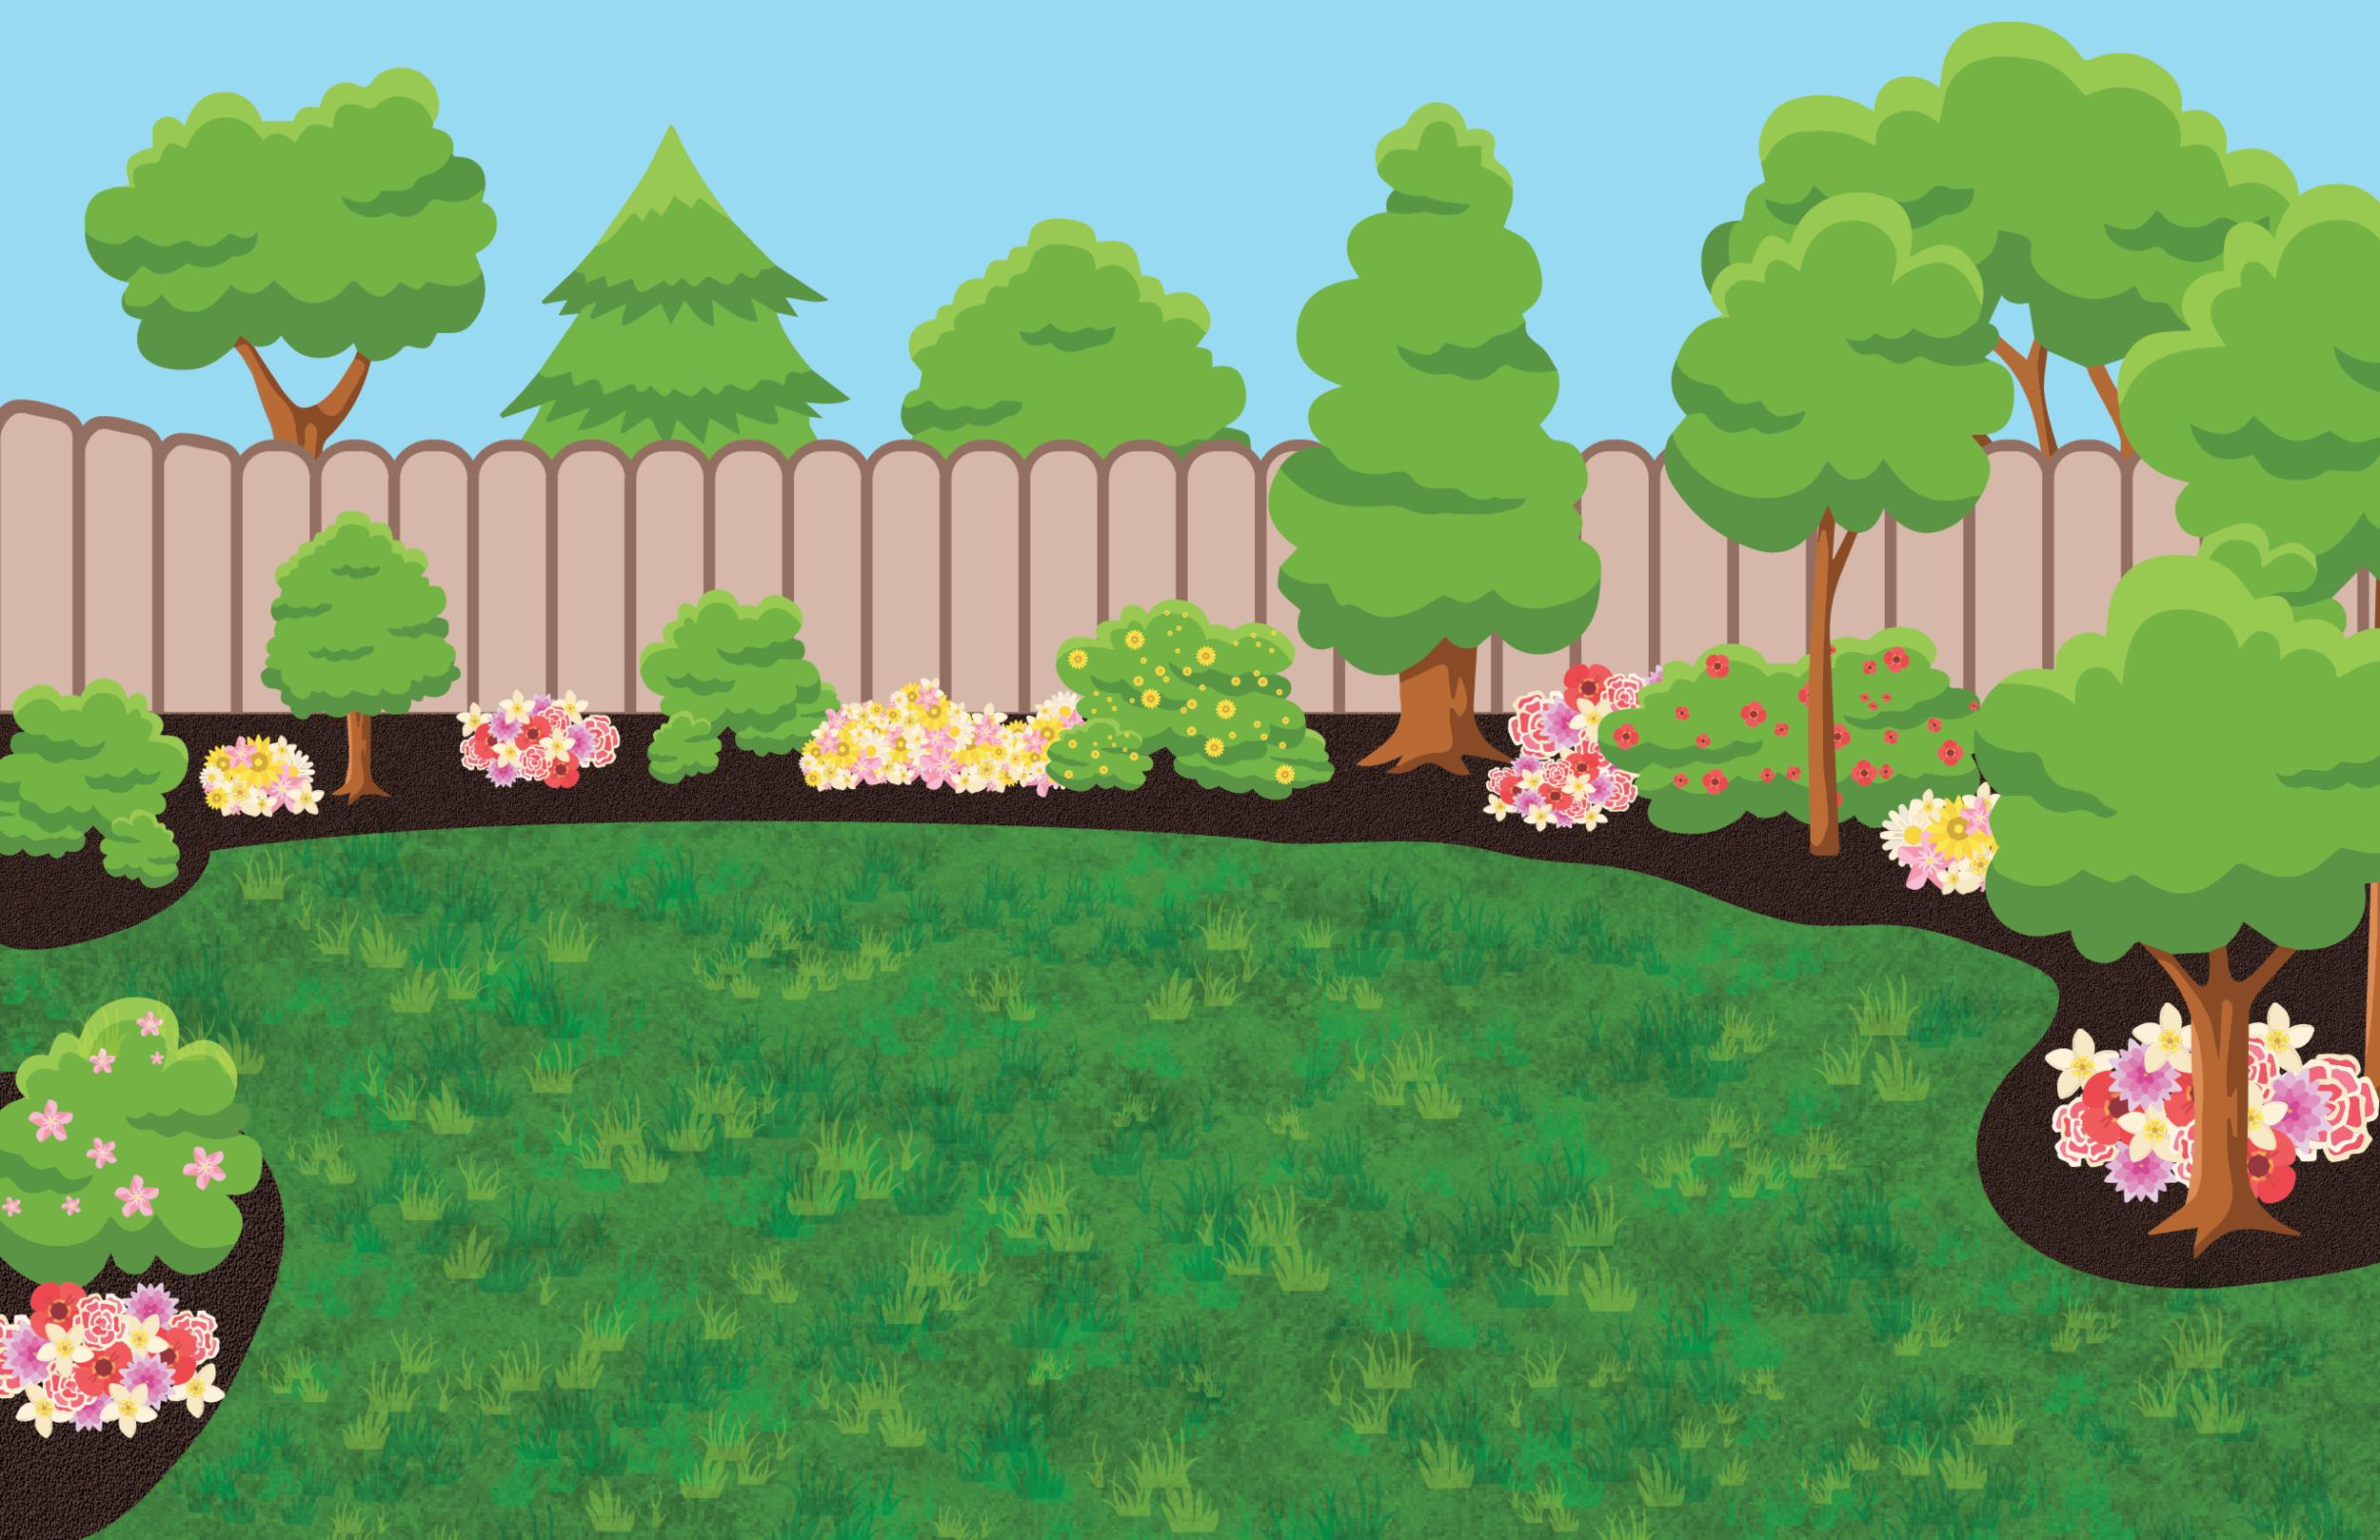 AR Fenced-In Backyard Background